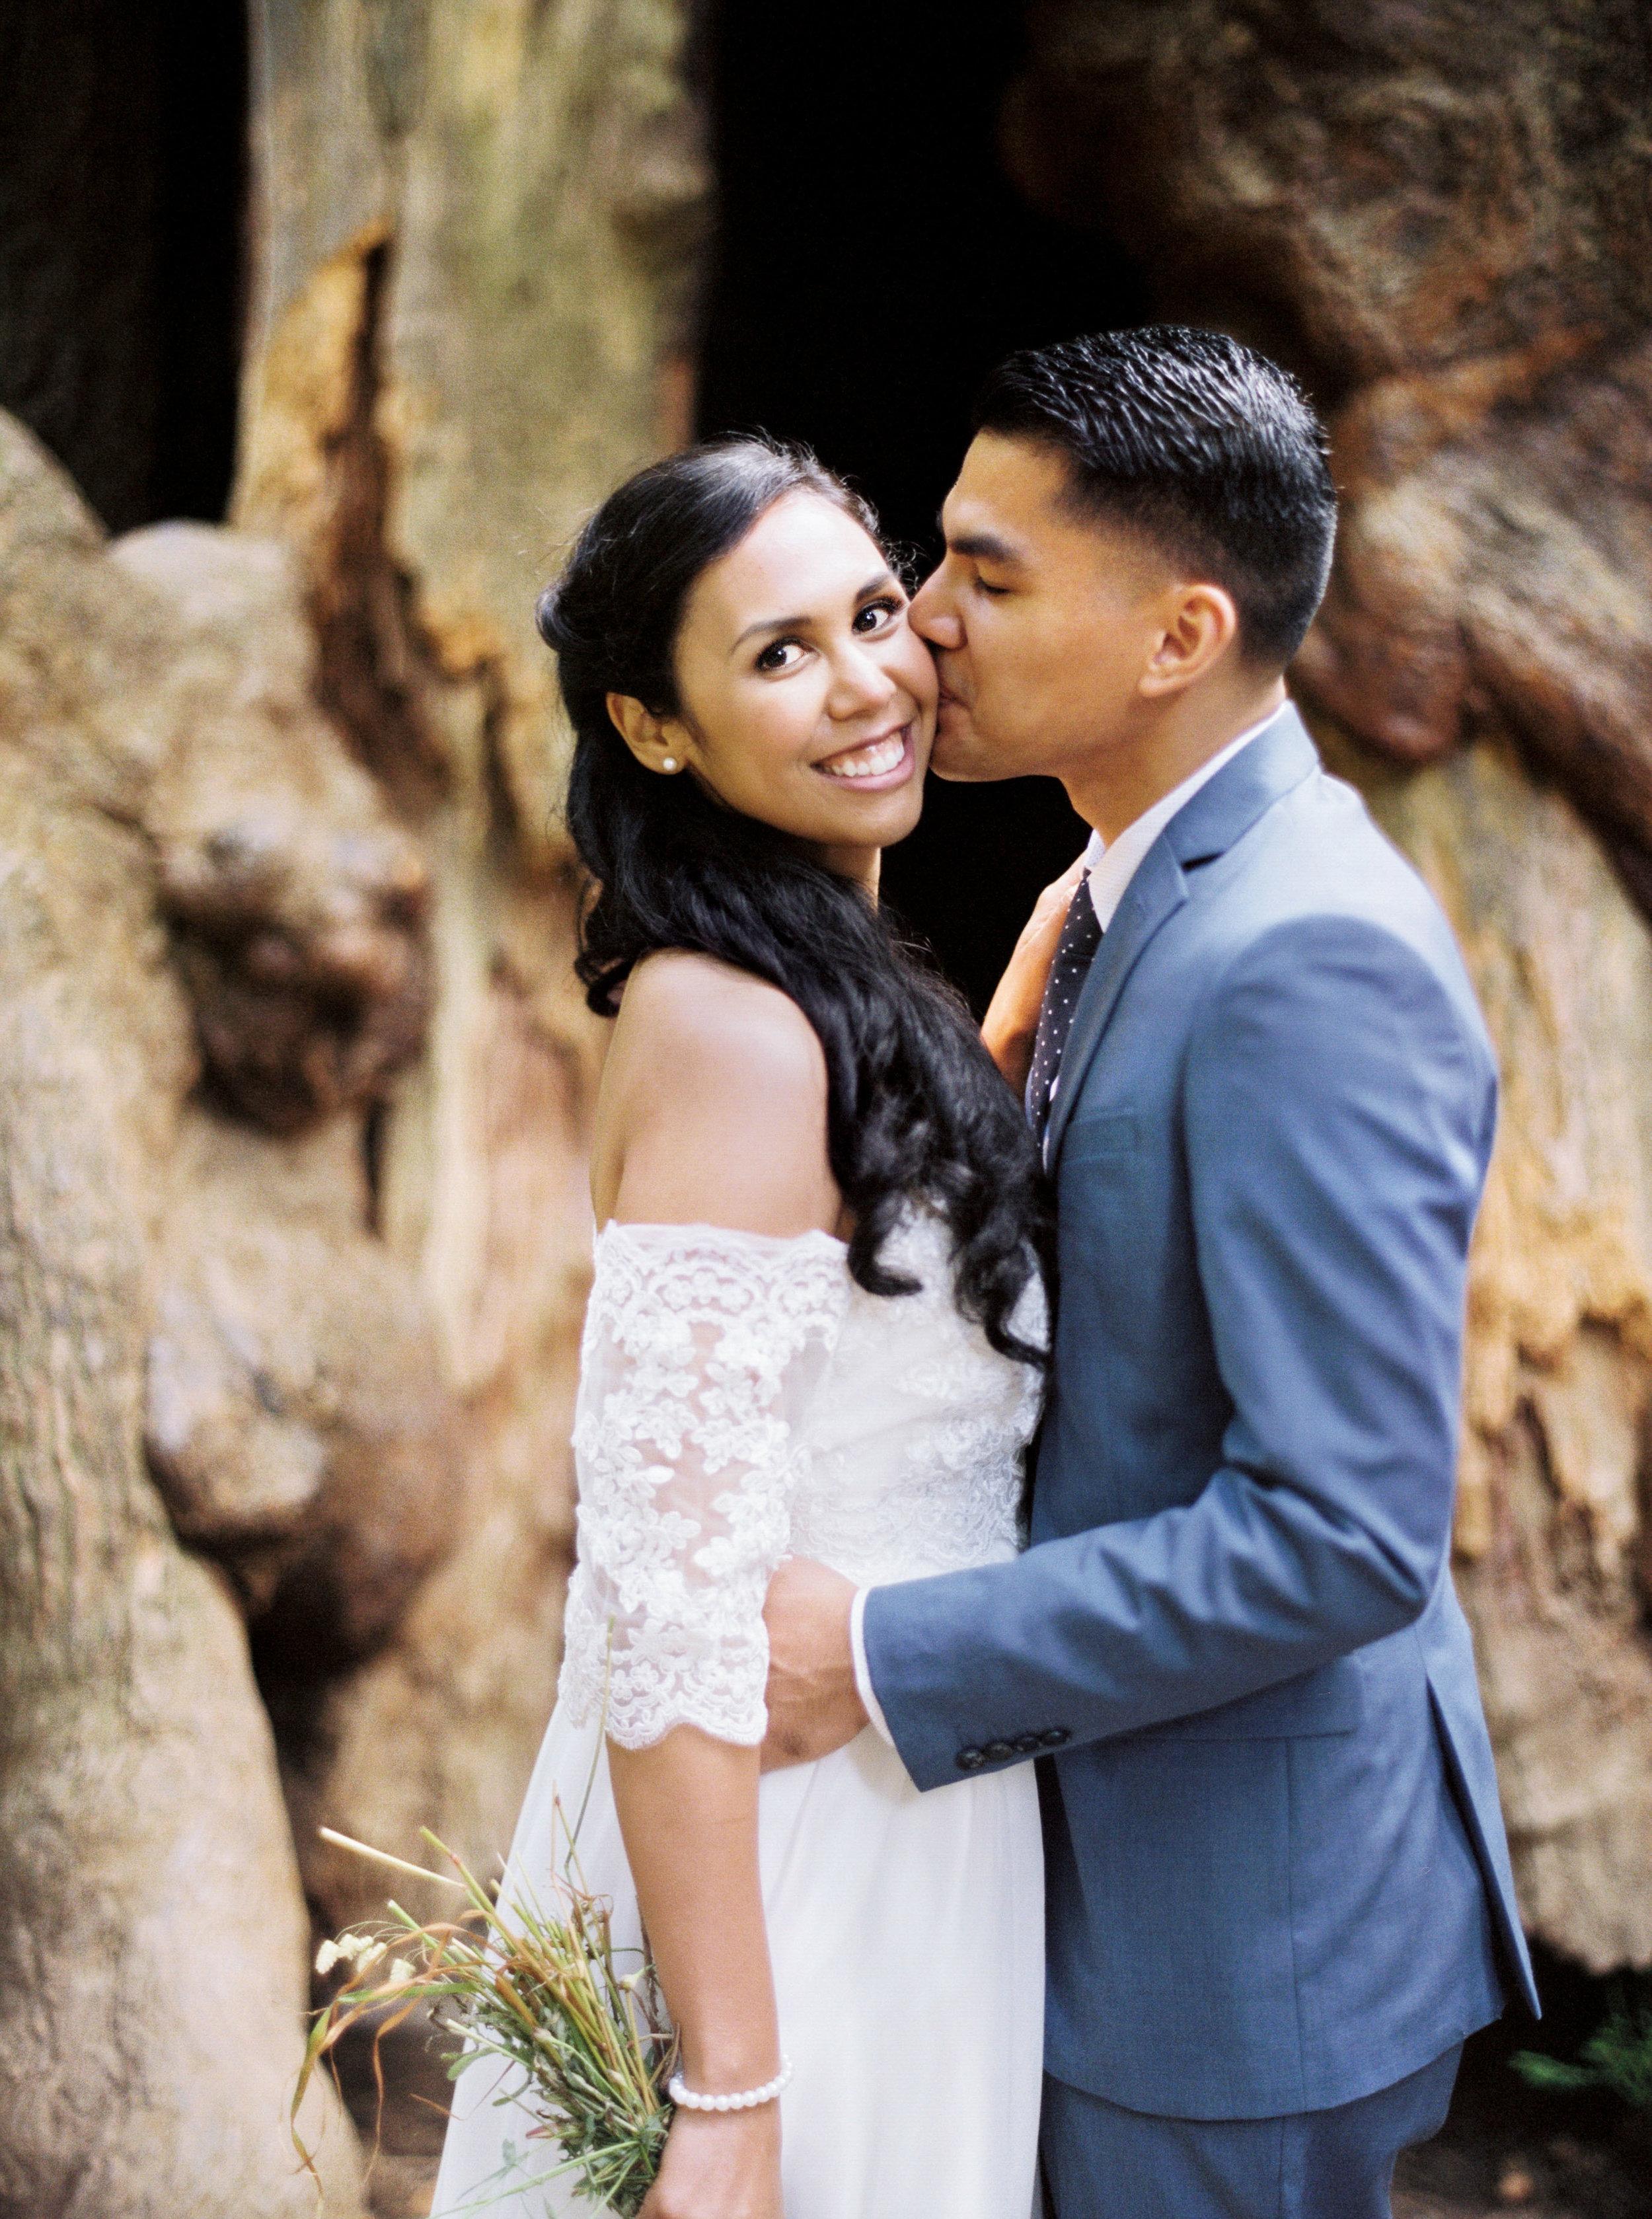 006_Krysten-Crebin-Muir-Woods-Elopement-Wedding-Photographer.jpg